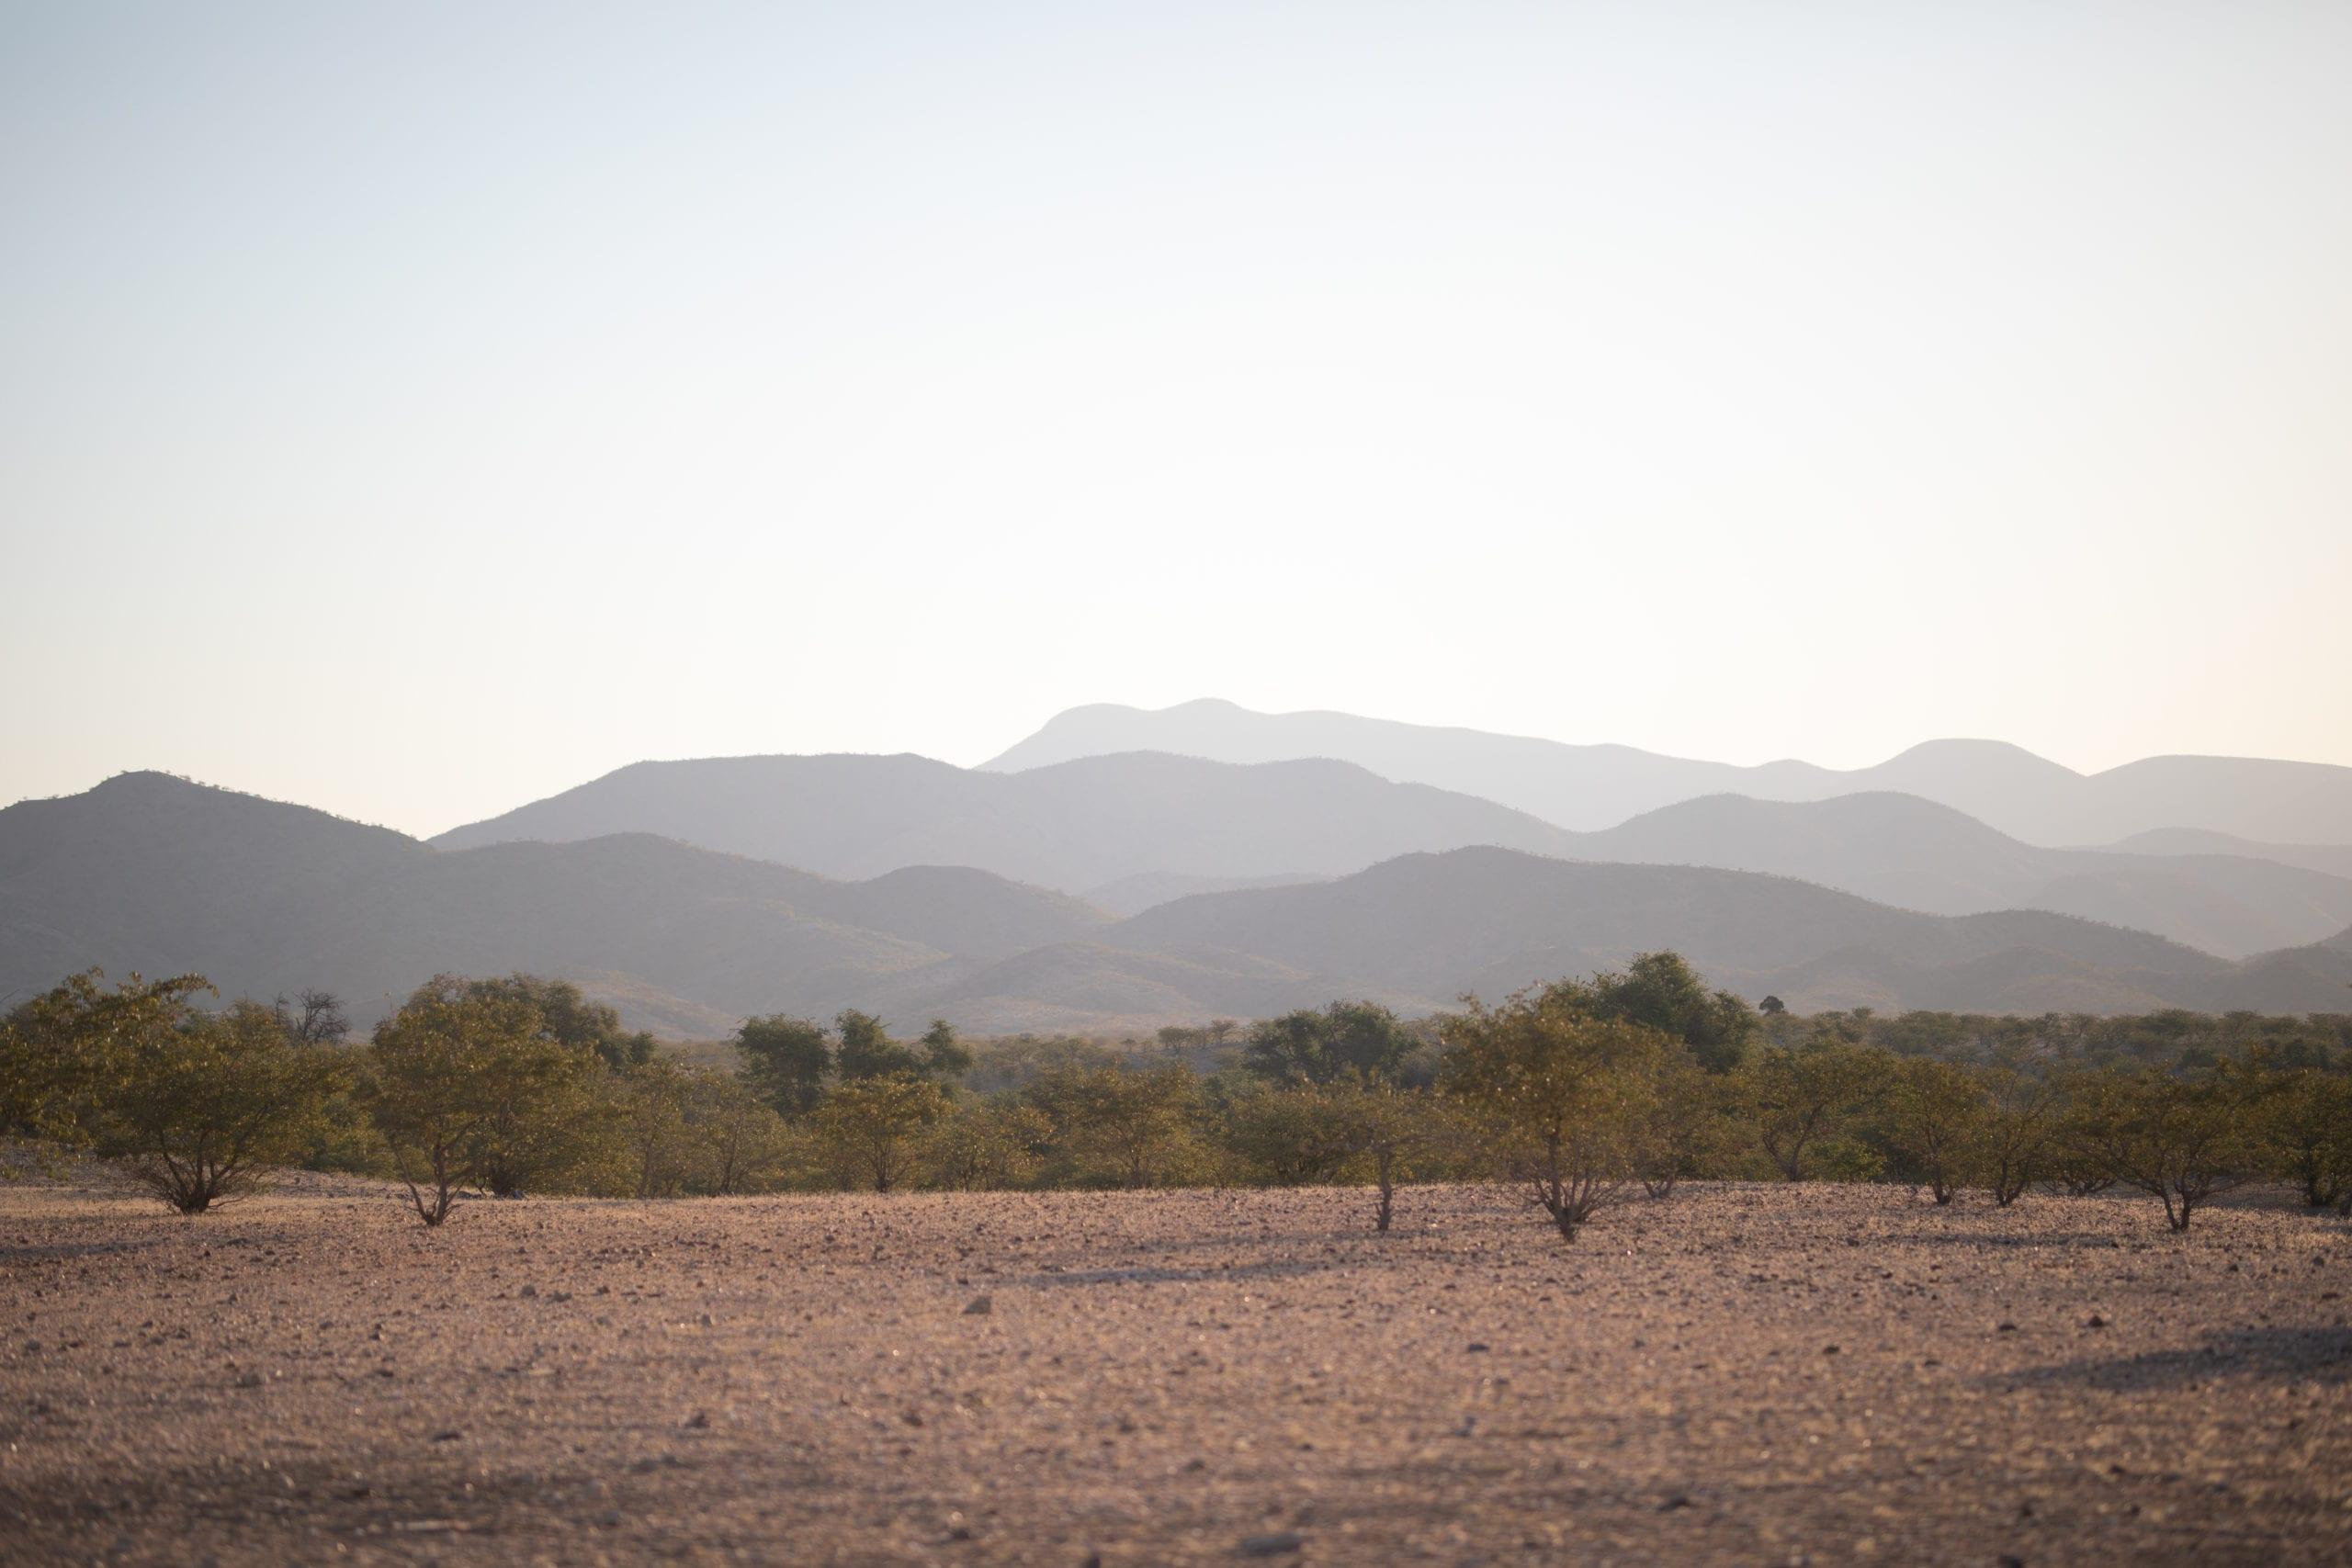 Namibia: Desert Nomads